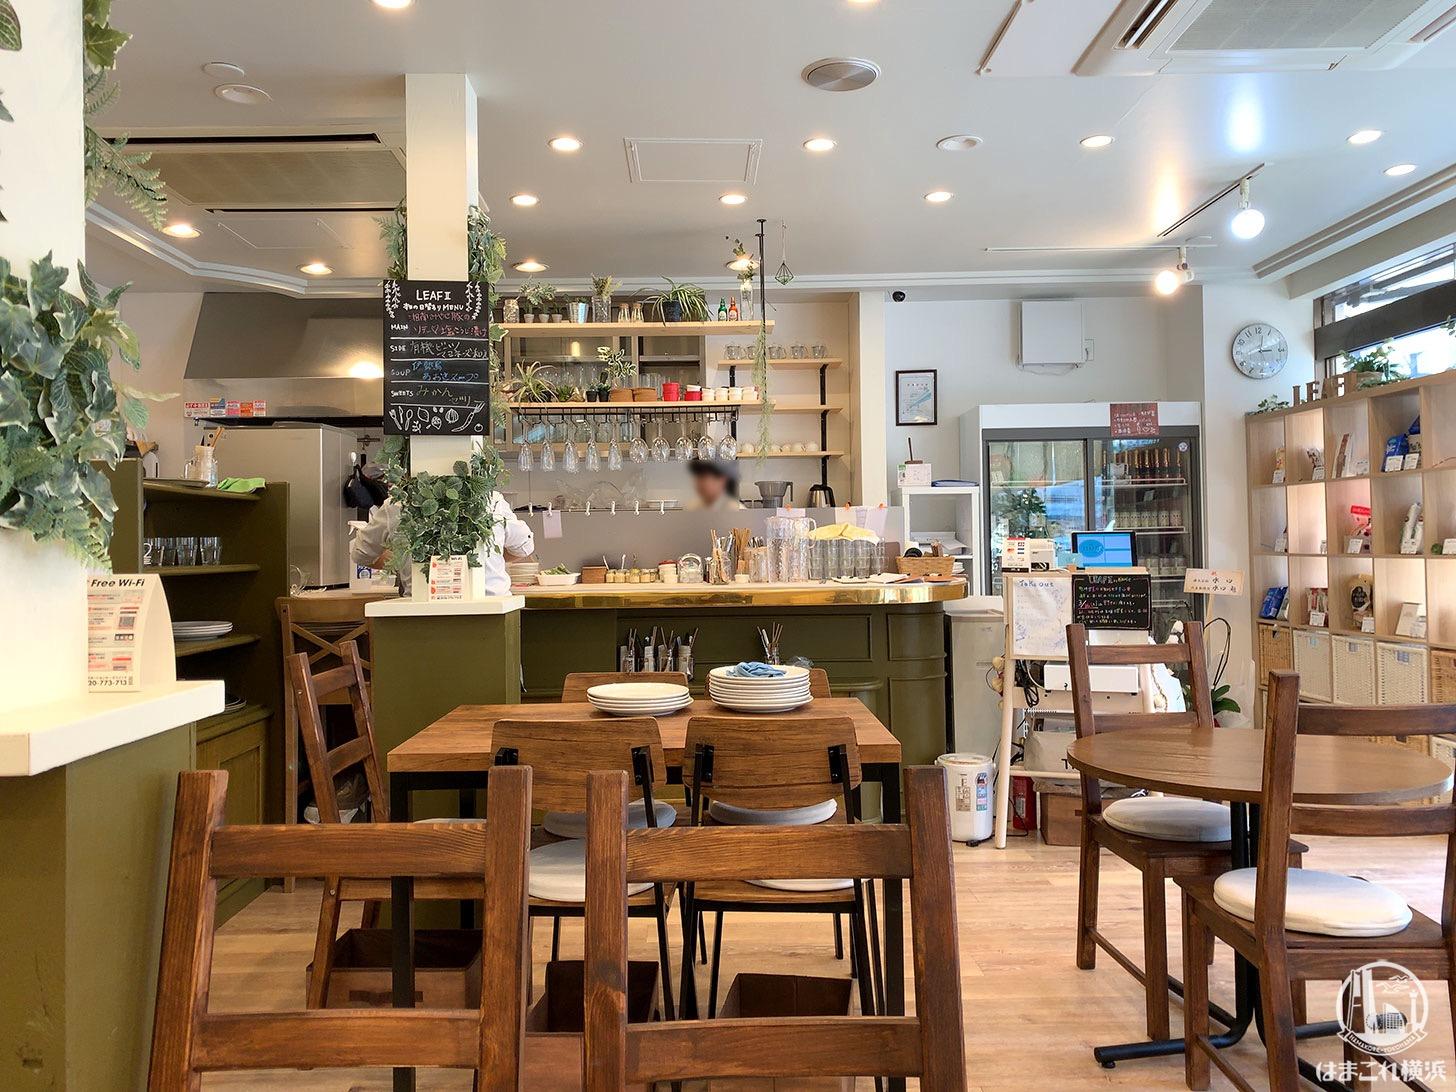 馬車道「リーフII」の丁寧な接客と心地良い空間は1人カフェにぴったり!